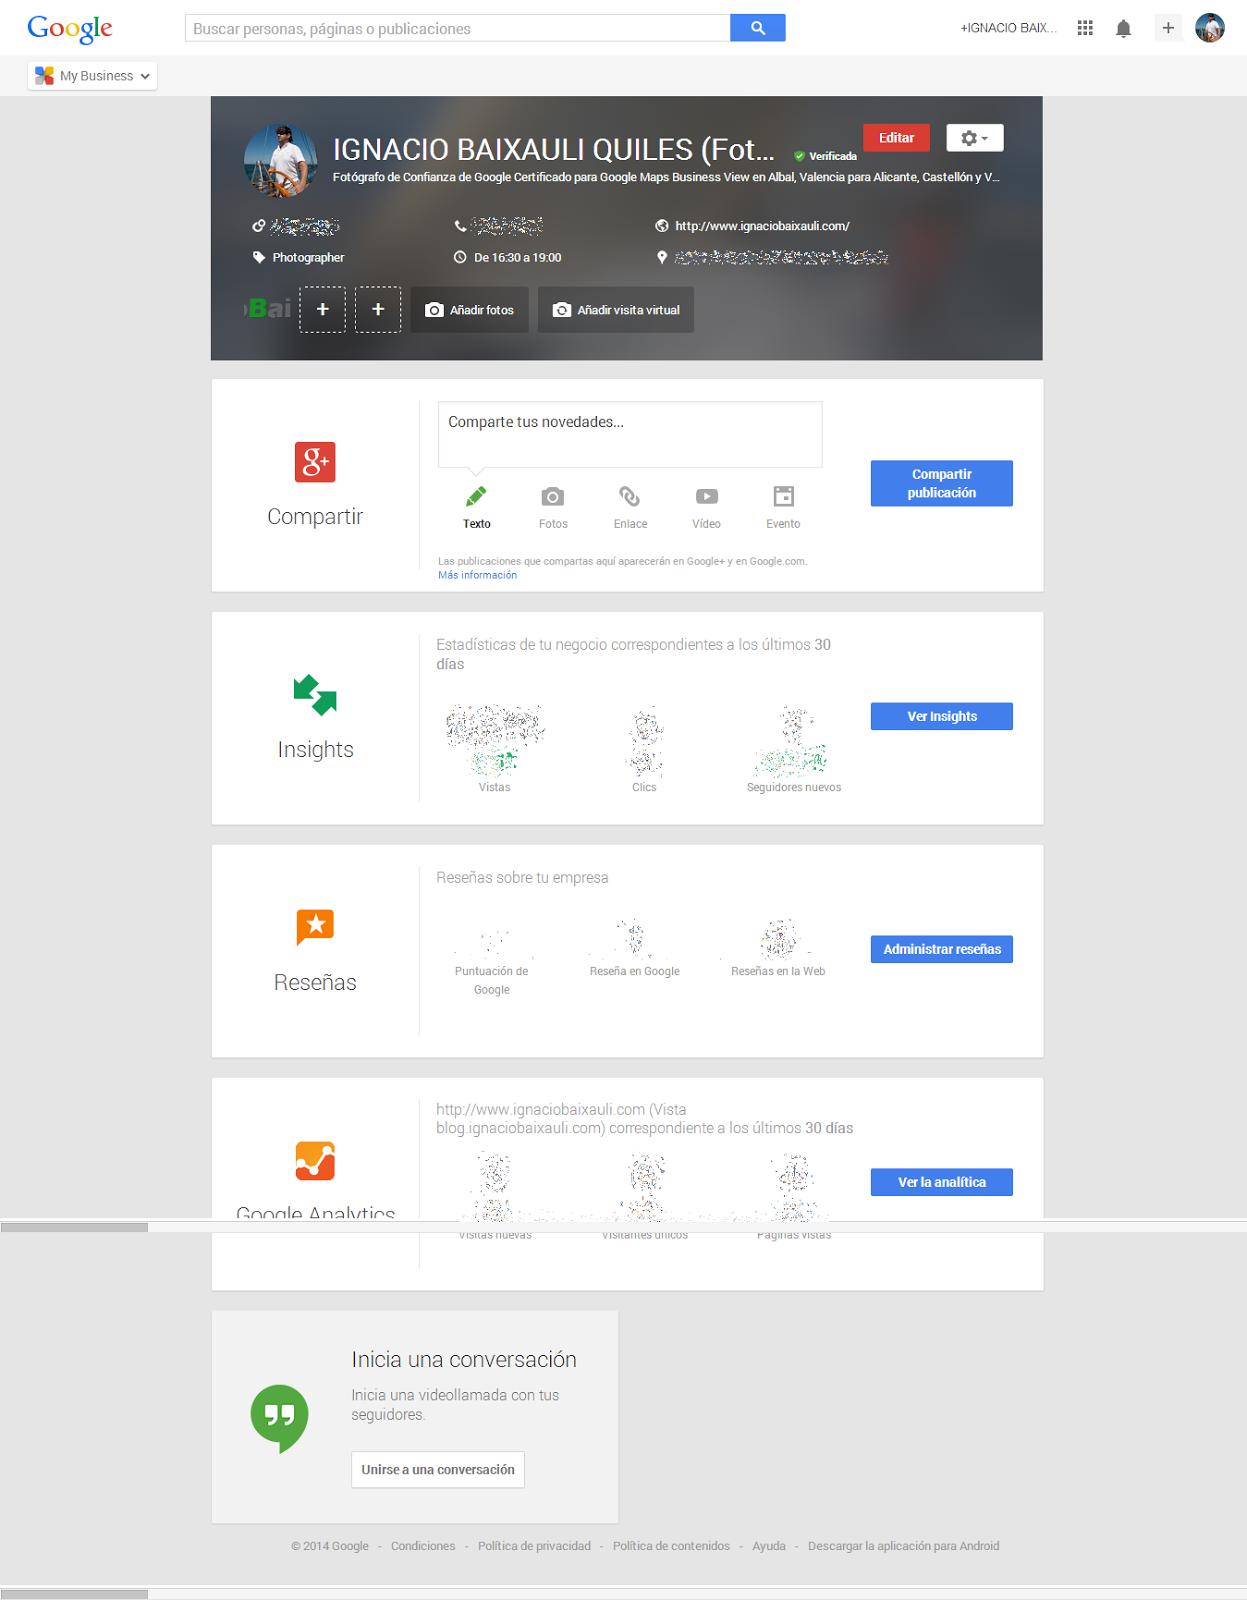 Nuevo panel de administración de Google Mi Negocio. Captura por Ignacio Baixauli